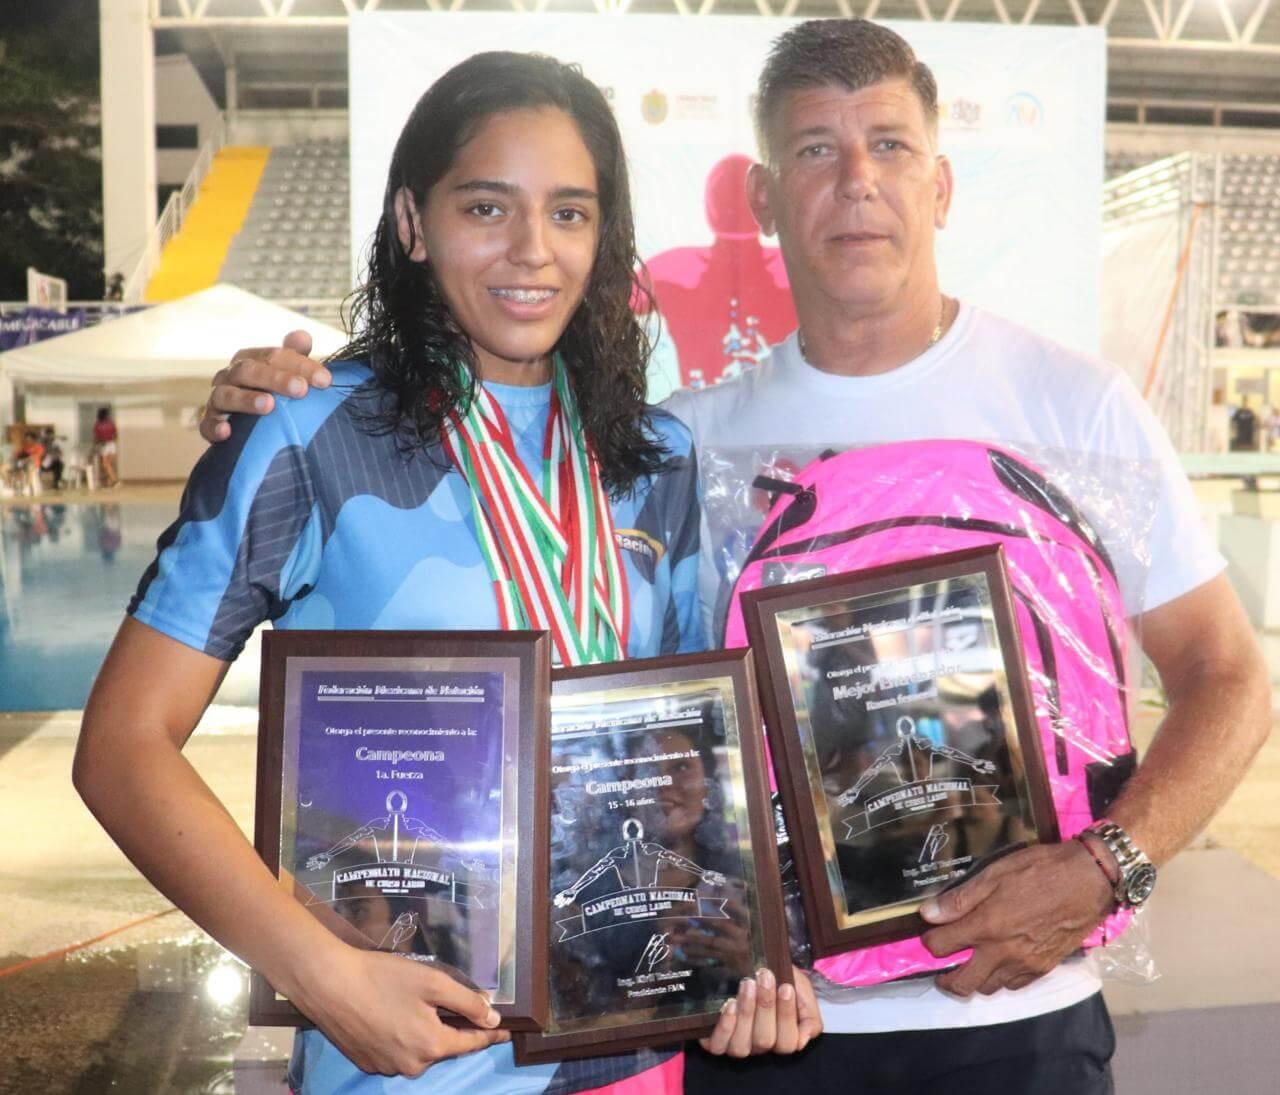 La nadadora Susana Hernández Barradas obtuvo ocho medallas de oro, así como tres récords nacionales, y fue distinguida como la mejor nadadora a nivel nacional dentro del Campeonato Curso Largo, efectuado en Leyes de Reforma.